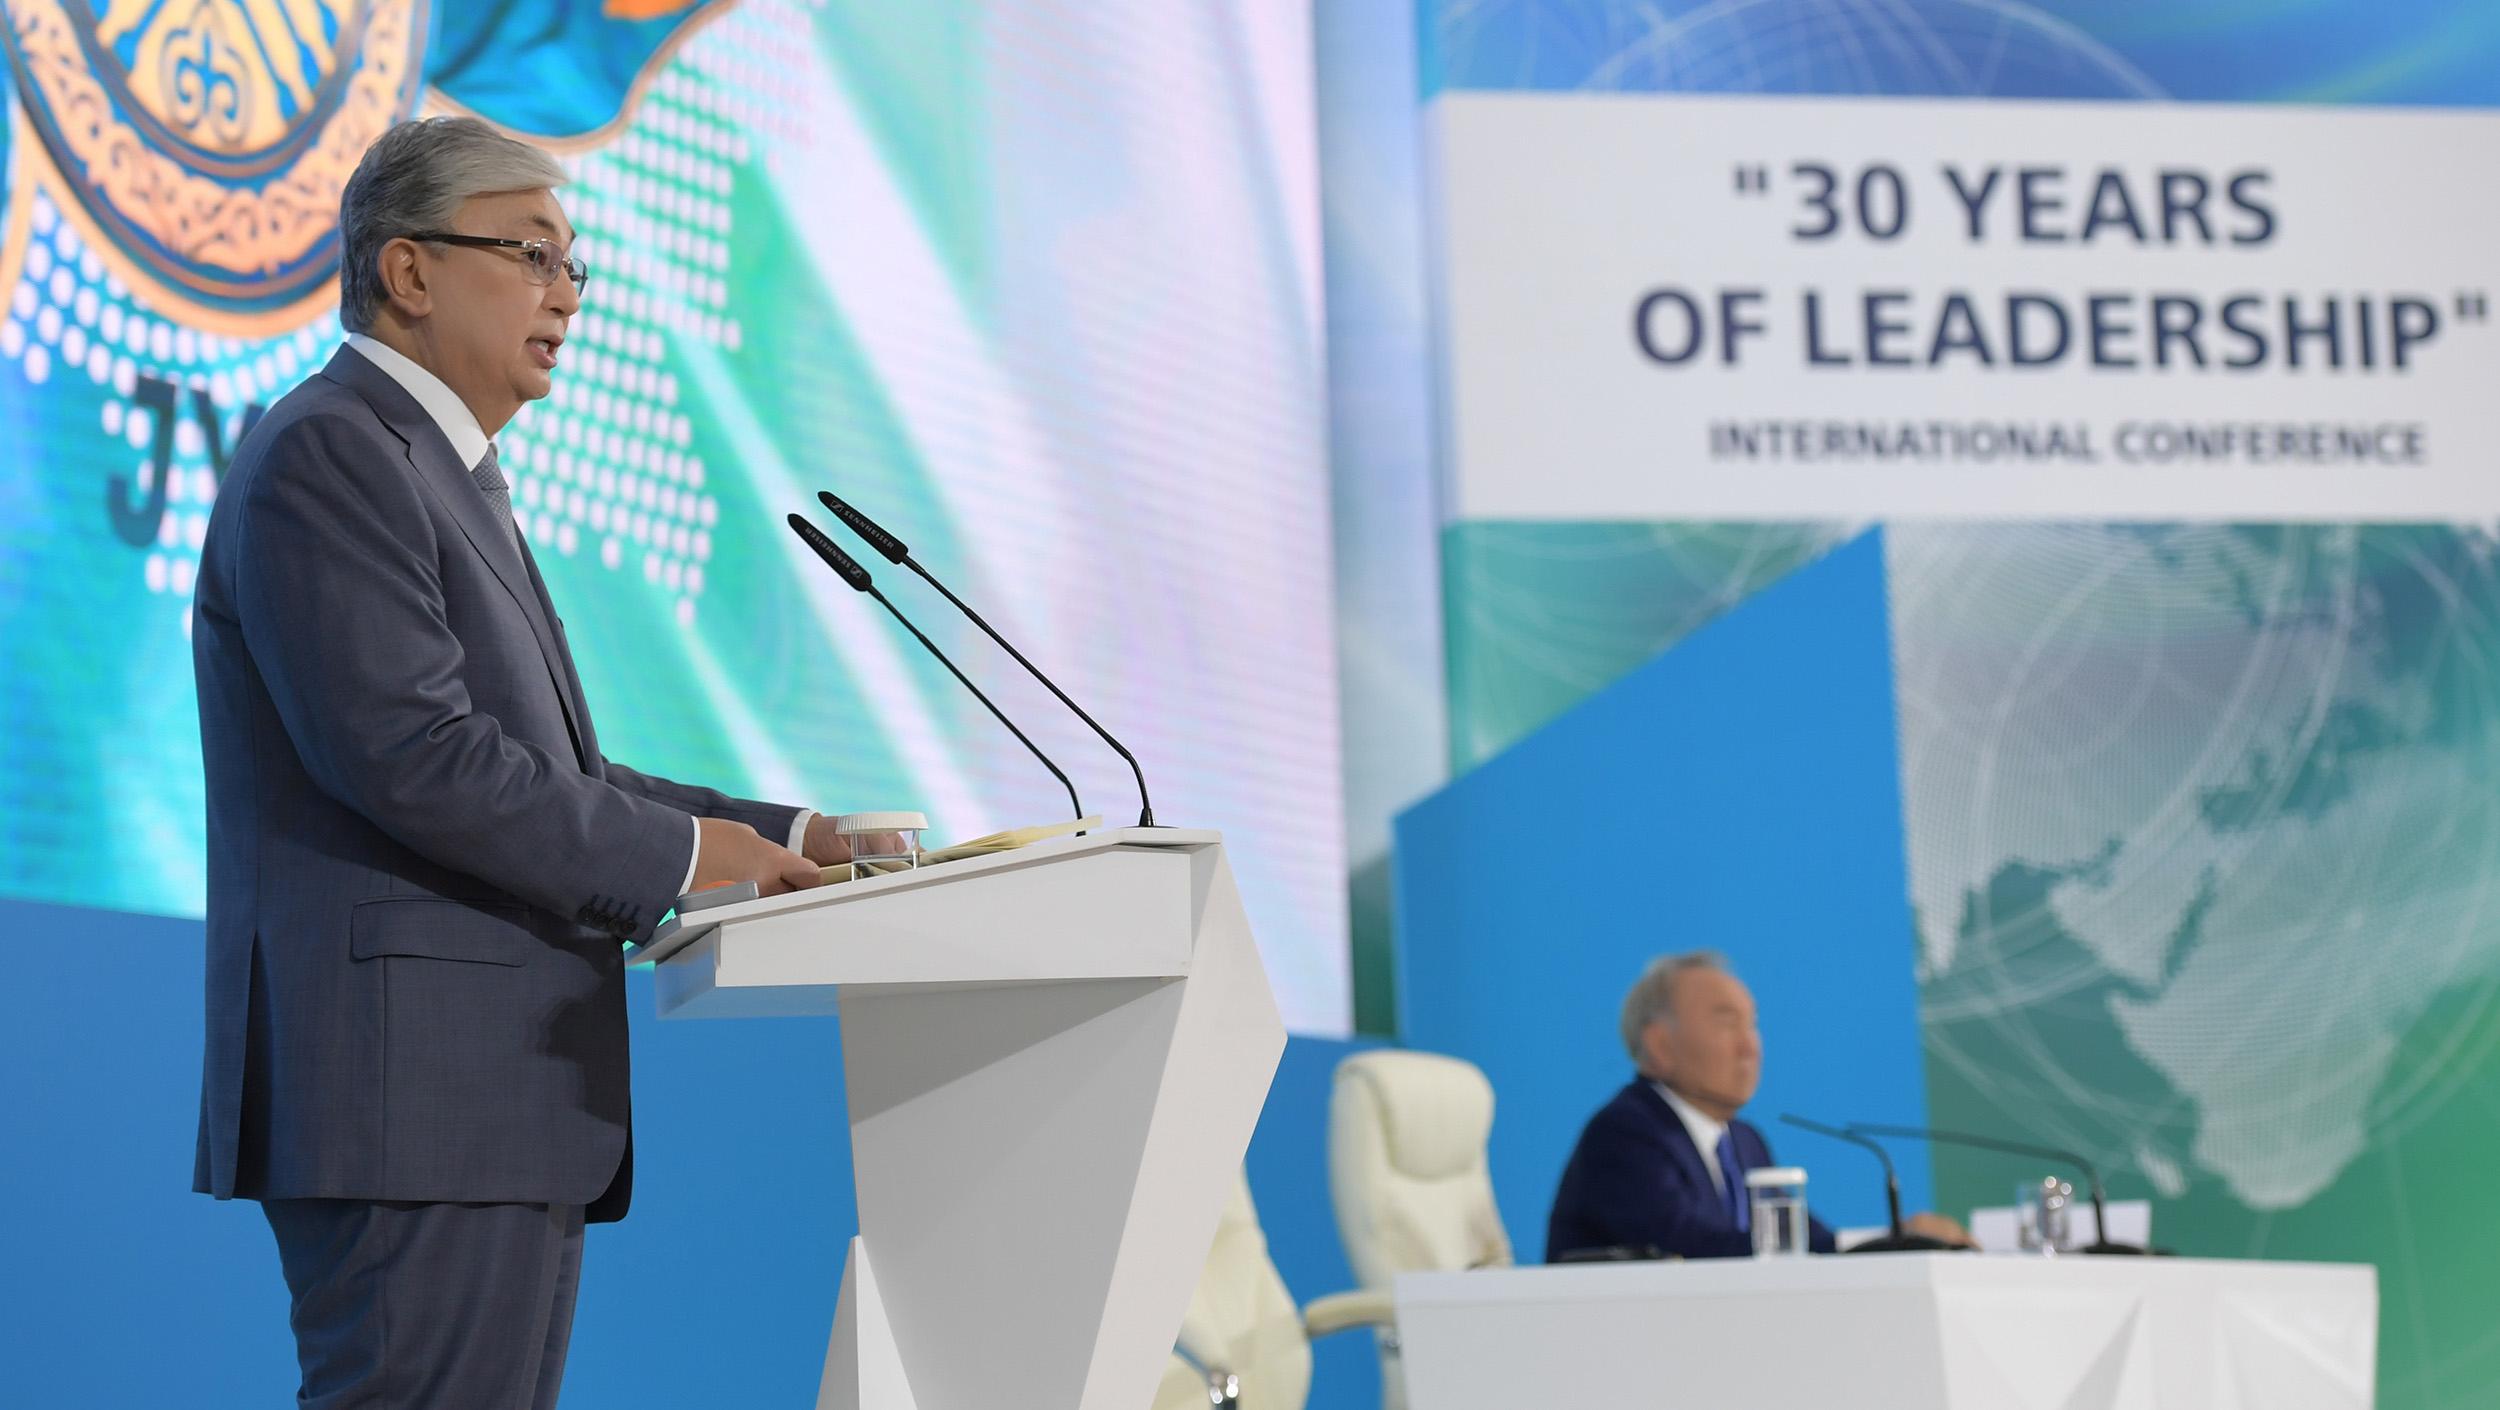 Қасым-Жомарт Тоқаев «Кемеңгерліктің 30 жылы» атты Халықаралық ғылыми конференцияға қатысты